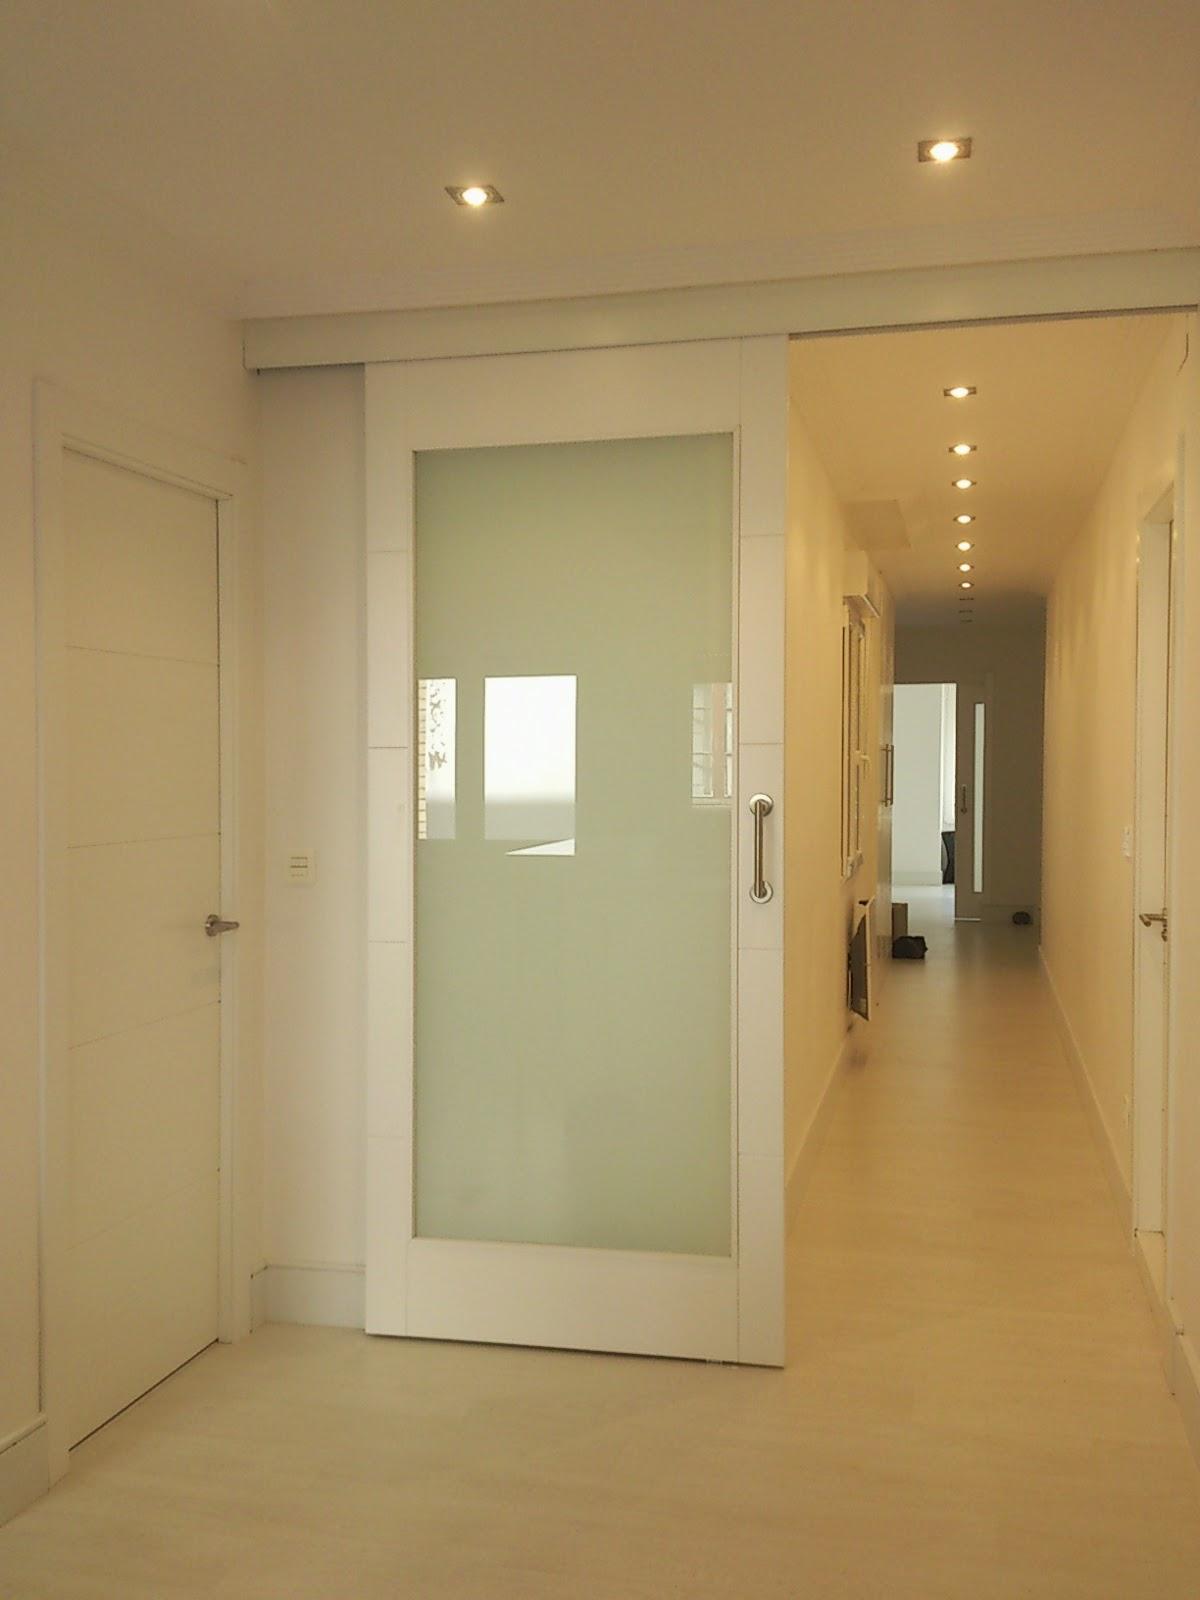 Interiorismo y decoracion lola torga el antes y despu s for Puertas de corredera para dormitorio